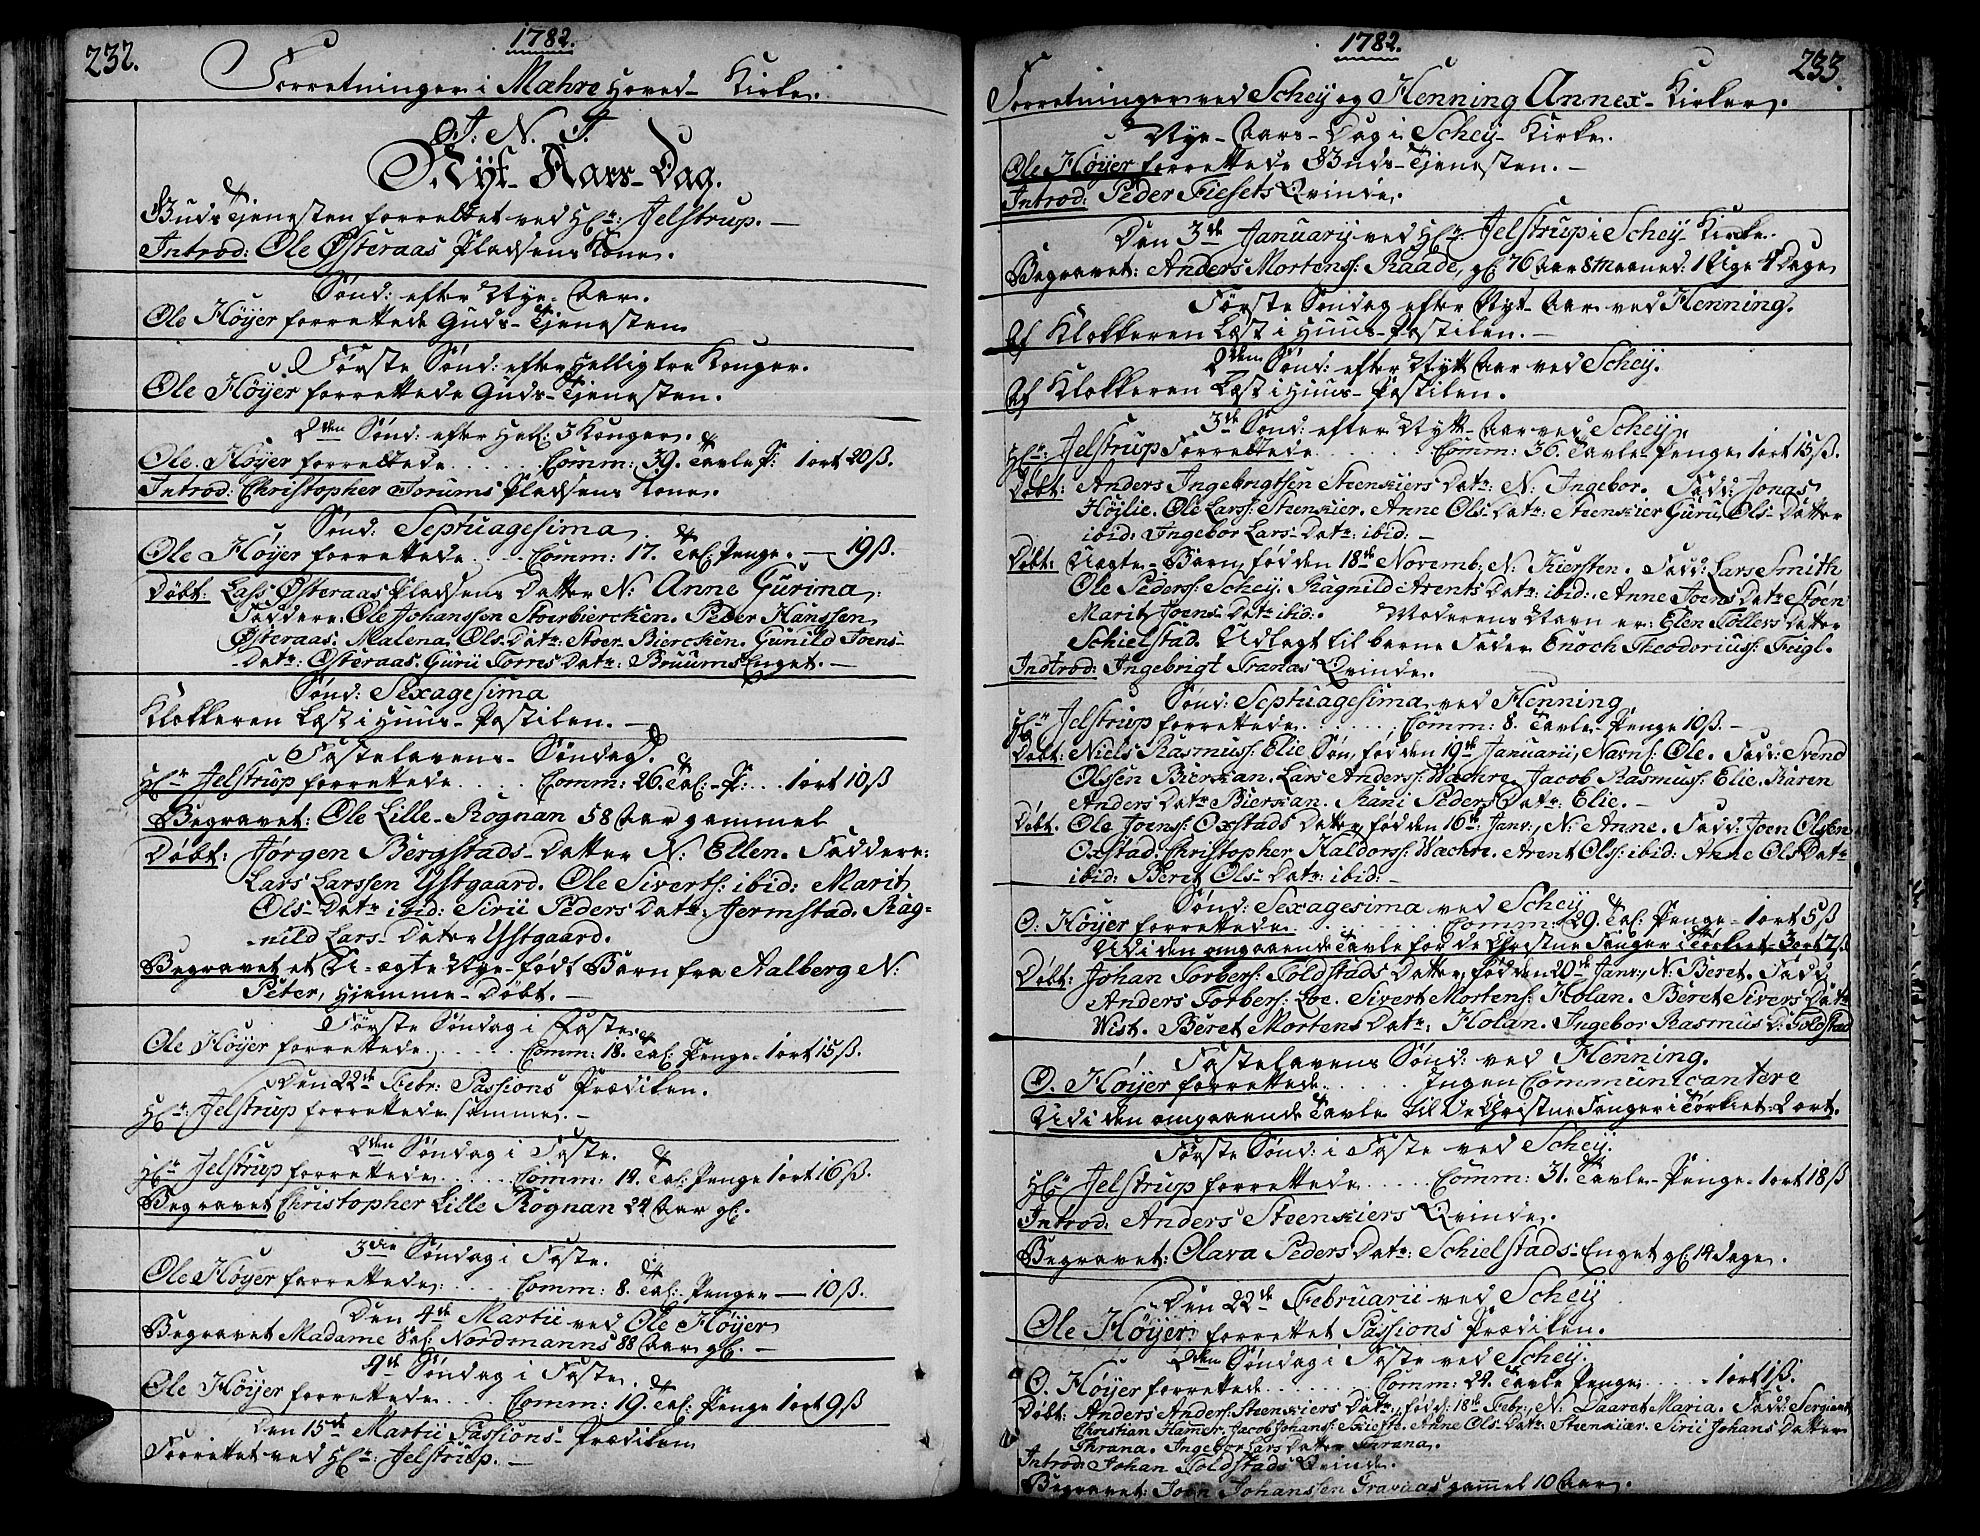 SAT, Ministerialprotokoller, klokkerbøker og fødselsregistre - Nord-Trøndelag, 735/L0331: Ministerialbok nr. 735A02, 1762-1794, s. 232-233